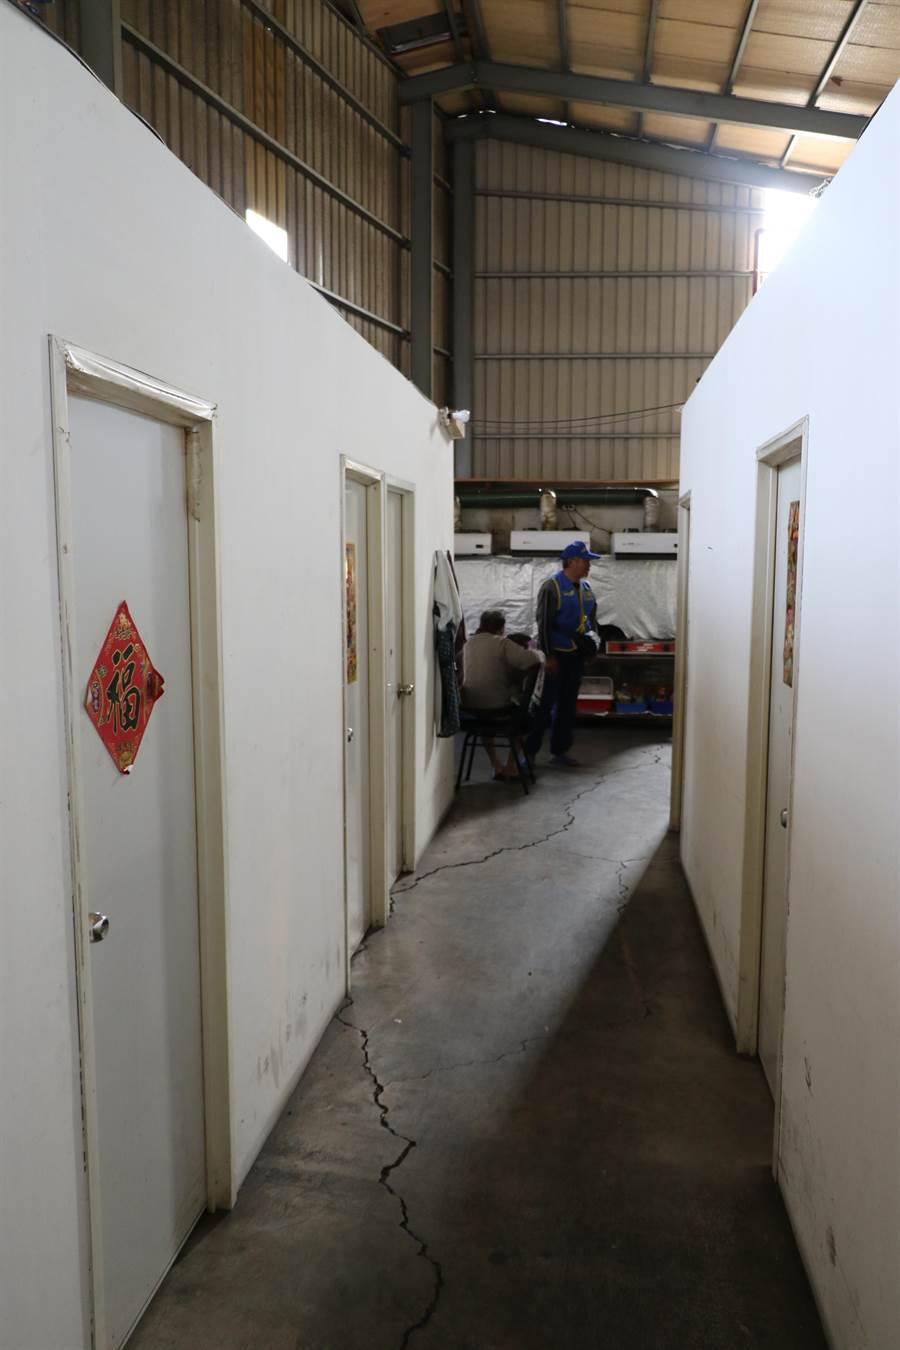 新巨輪協會租用違建鐵皮工廠並隔間讓會員居住,消防安全品質堪憂(吳岳修攝)